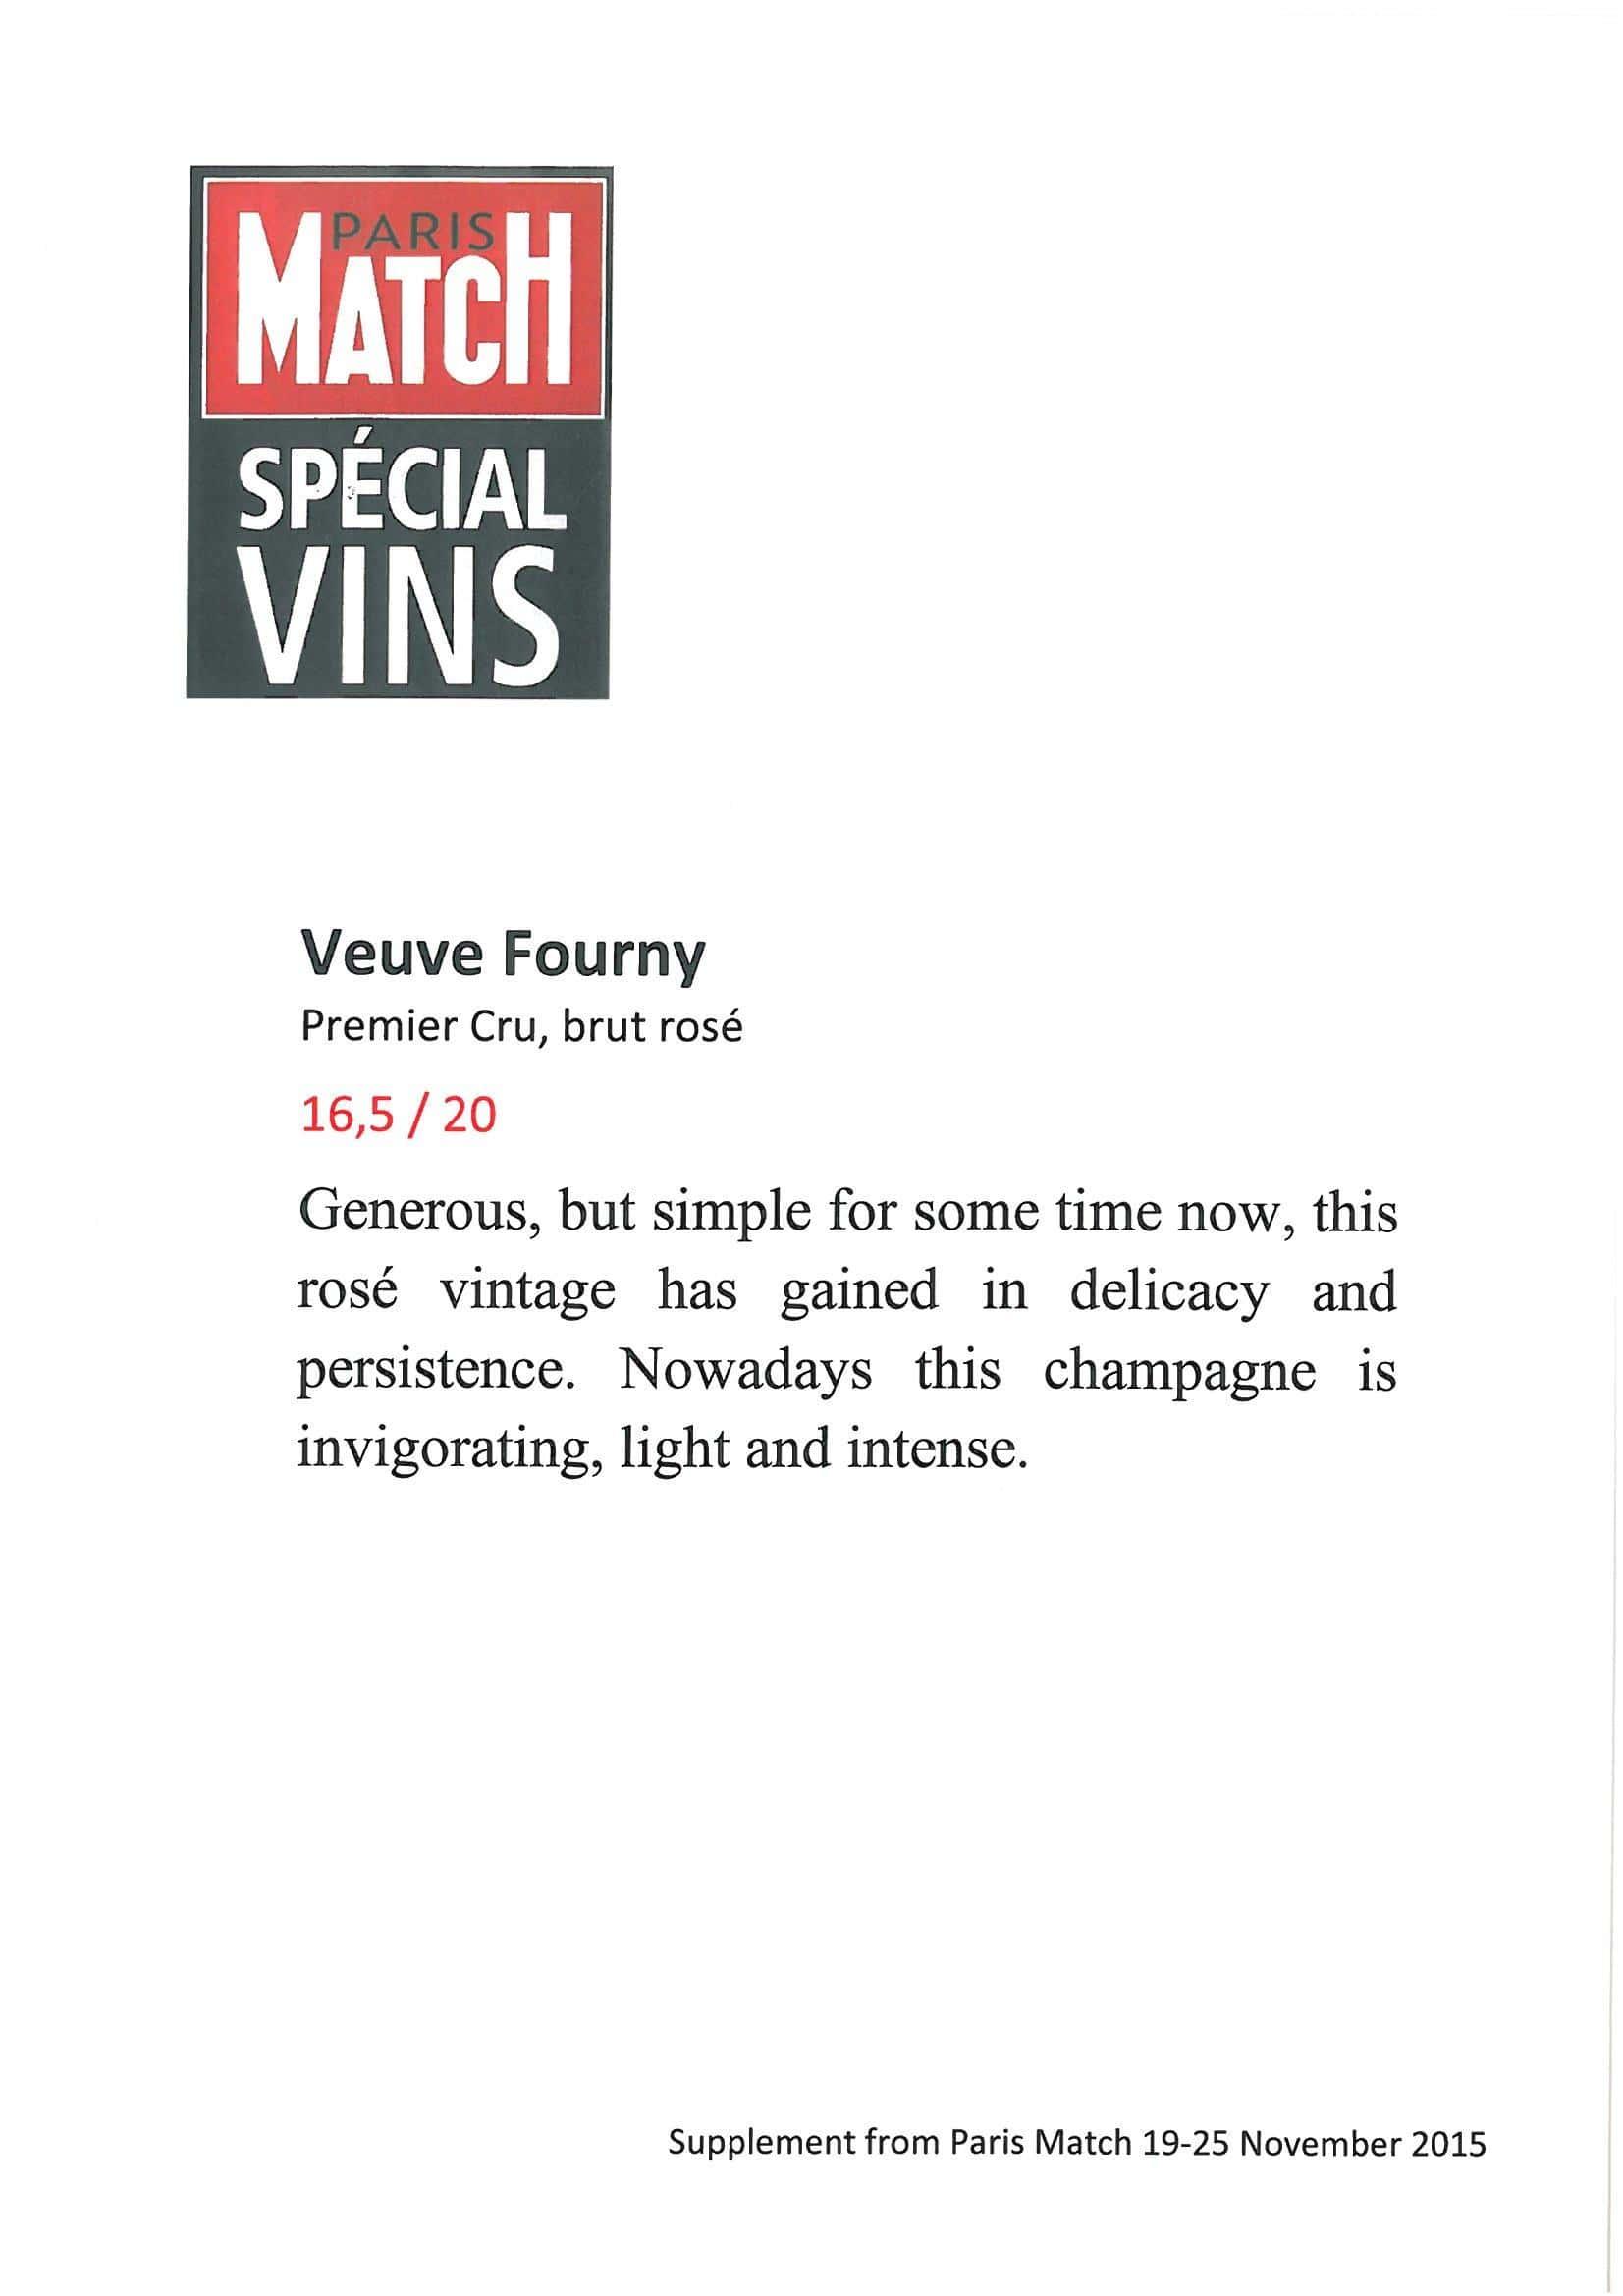 Paris Match, Spécial vins